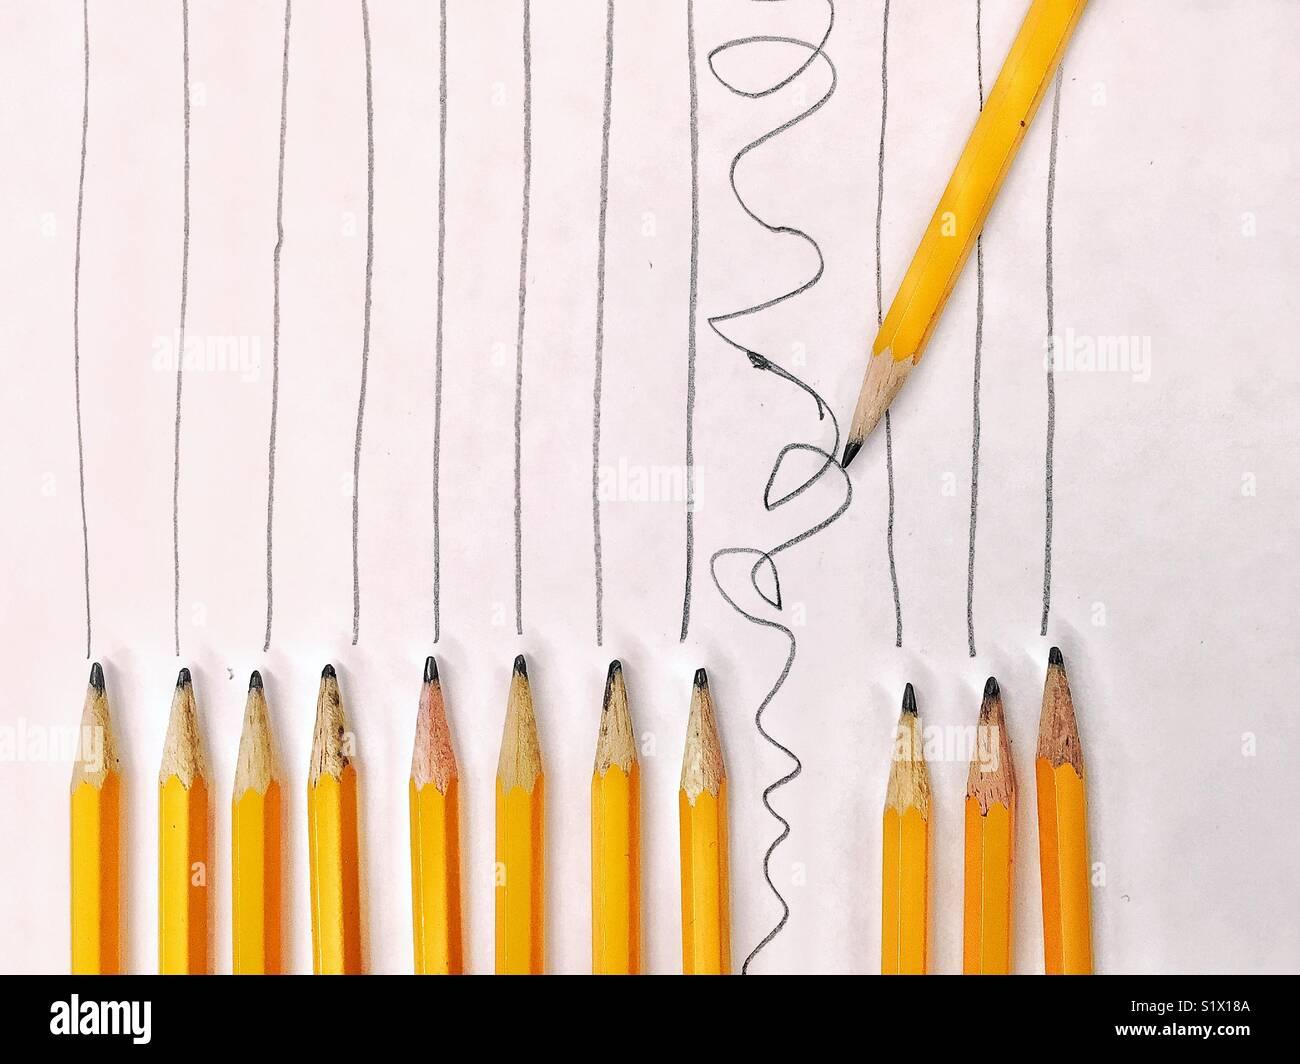 Osez être différent! Trouver votre chemin! Photo Stock